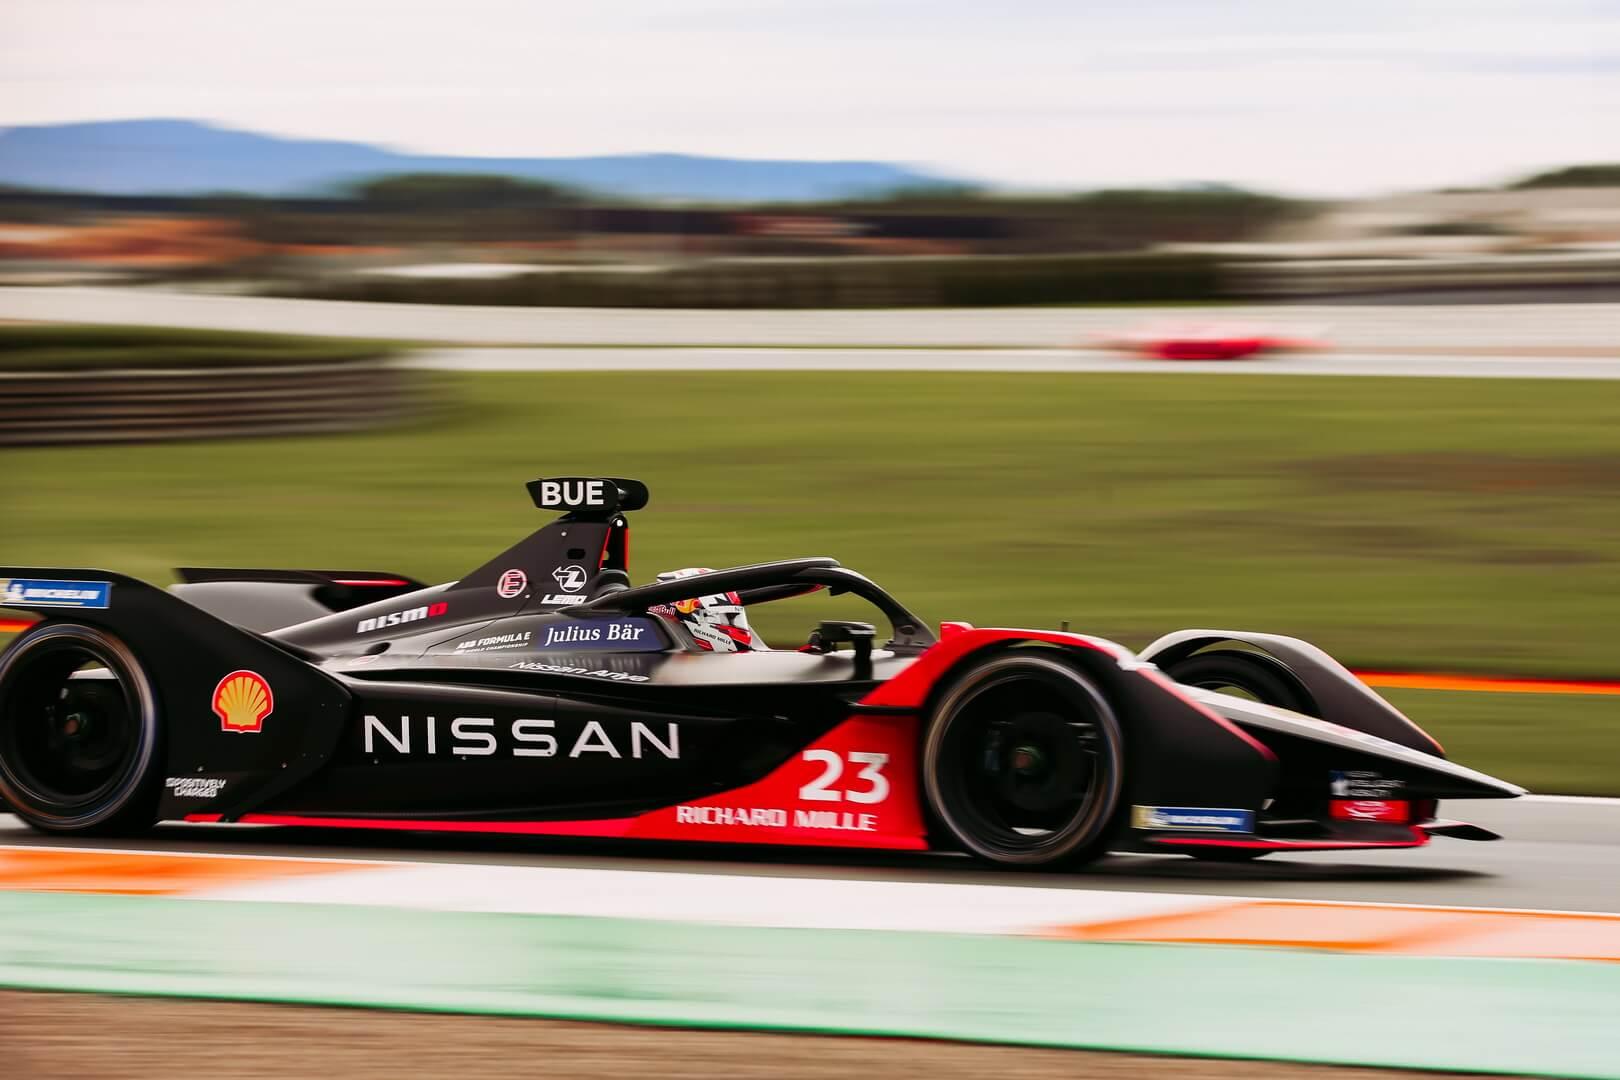 Nissan активно реализует стратегию электрификации и подтверждает участие в гоночных чемпионатах серии Formula E со своими электрическими болидами Gen3